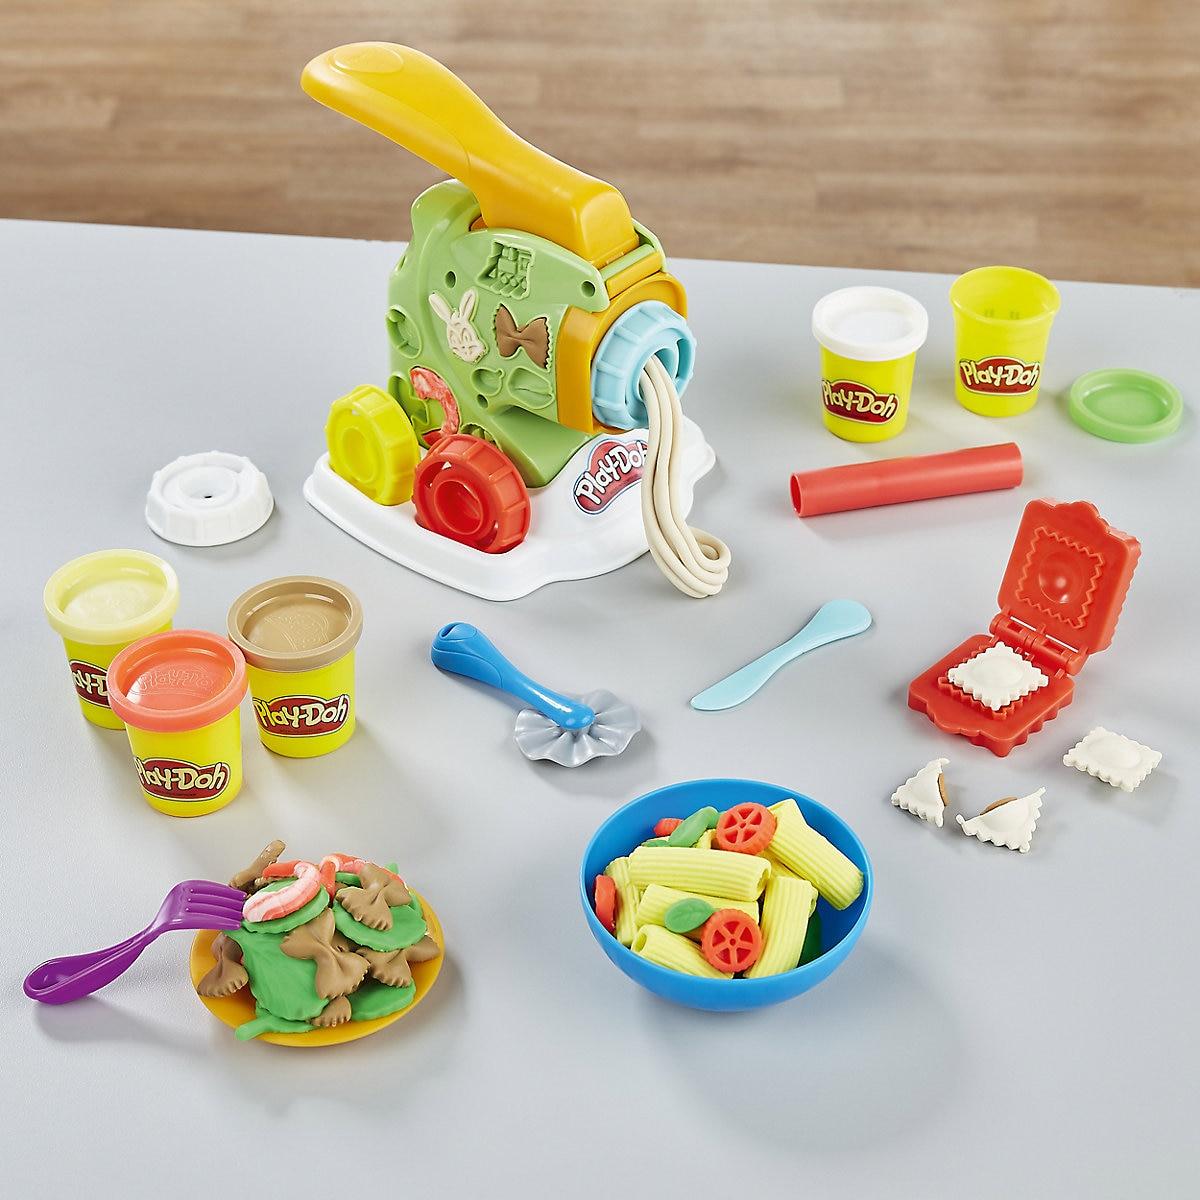 Pâte à modeler play-doh/Slime 5099880 pâte à modeler de bureau à la main gomme sculpter enfants fille garçon filles garçons pour enfants play-doh MTpromo - 3